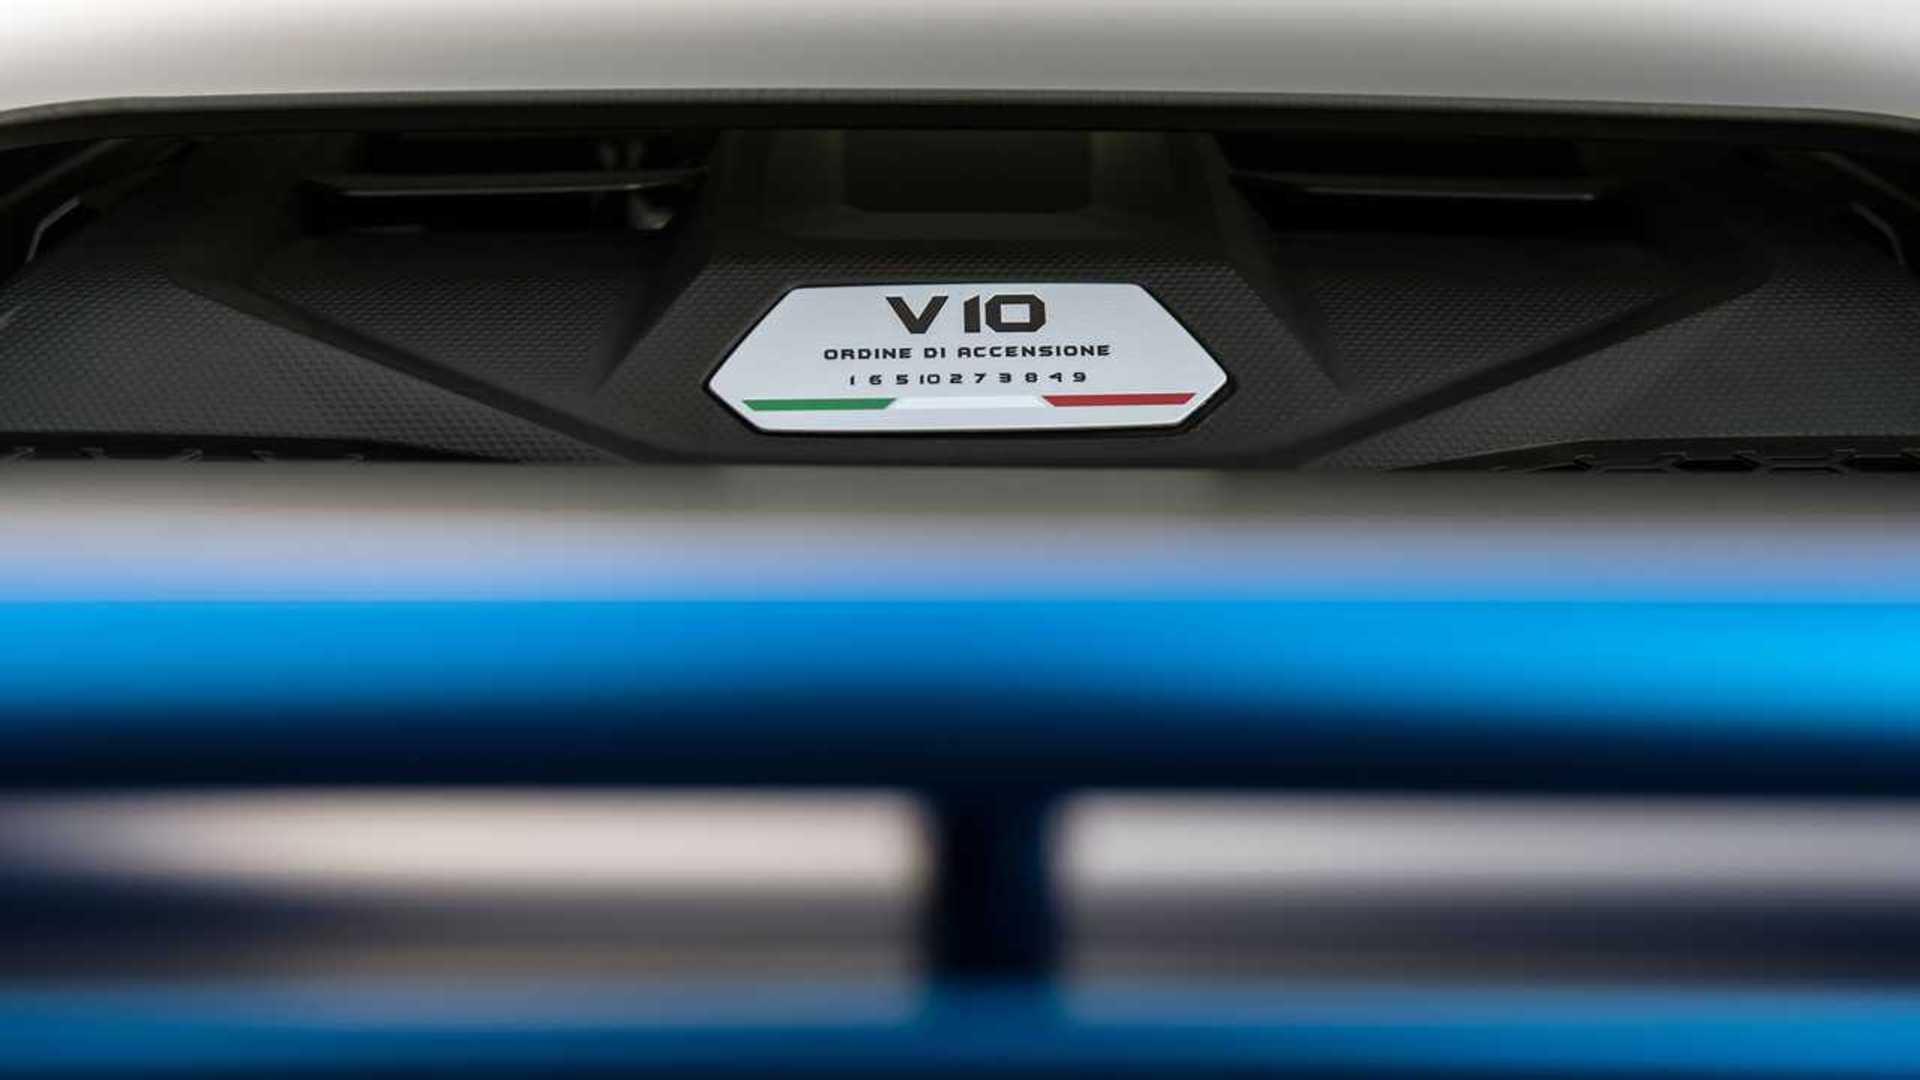 2020 Lamborghini Huracan Evo RWD engine badge